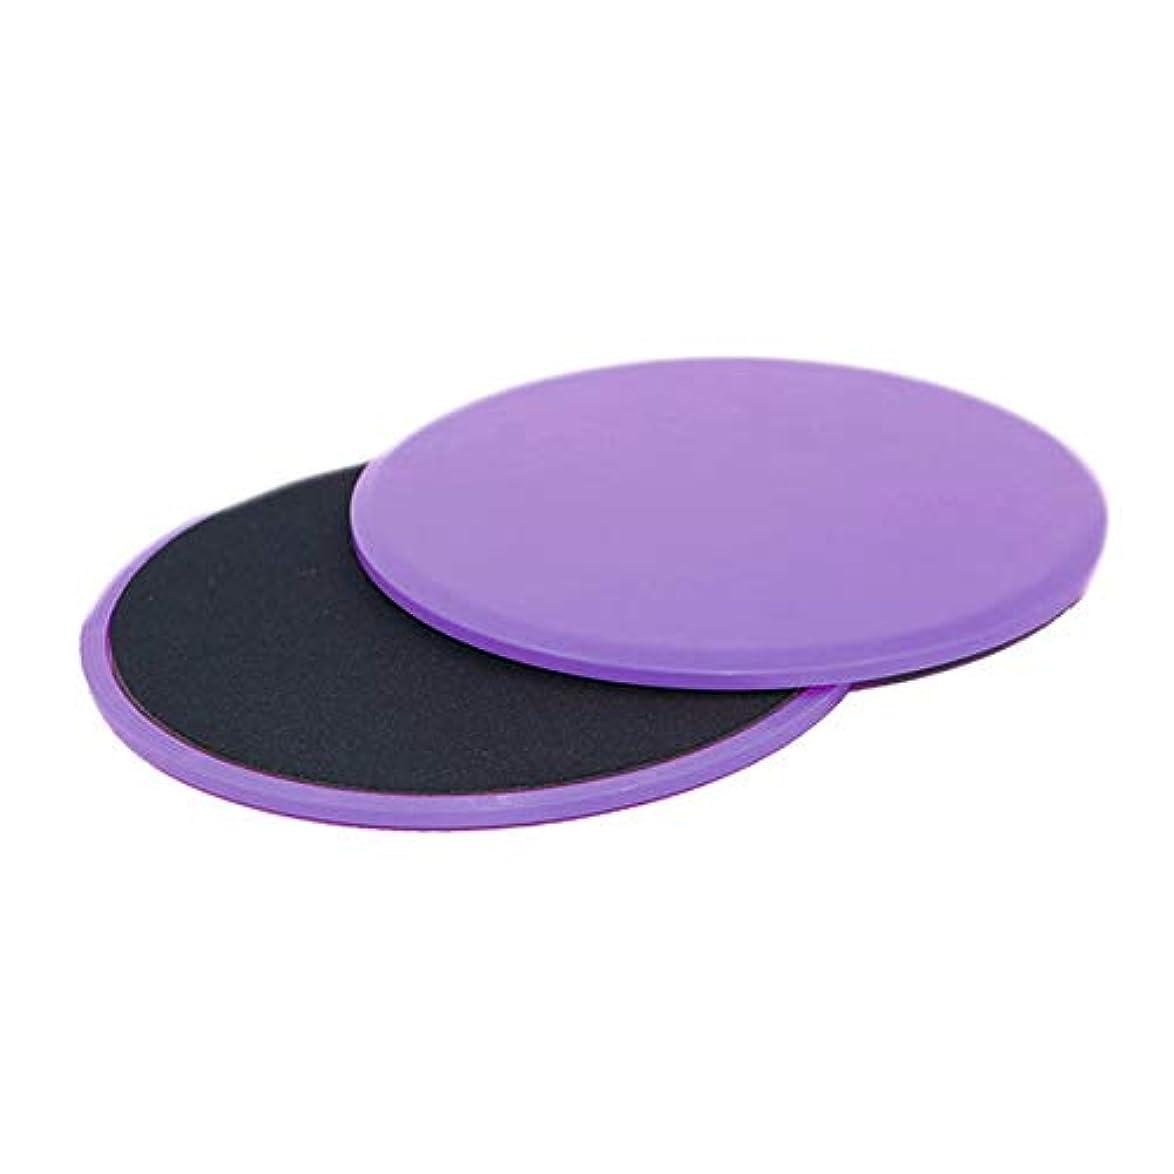 ソート経由でアーティファクトフィットネススライドグライダーディスク調整能力フィットネスエクササイズスライダーコアトレーニング腹部および全身トレーニング-パープル